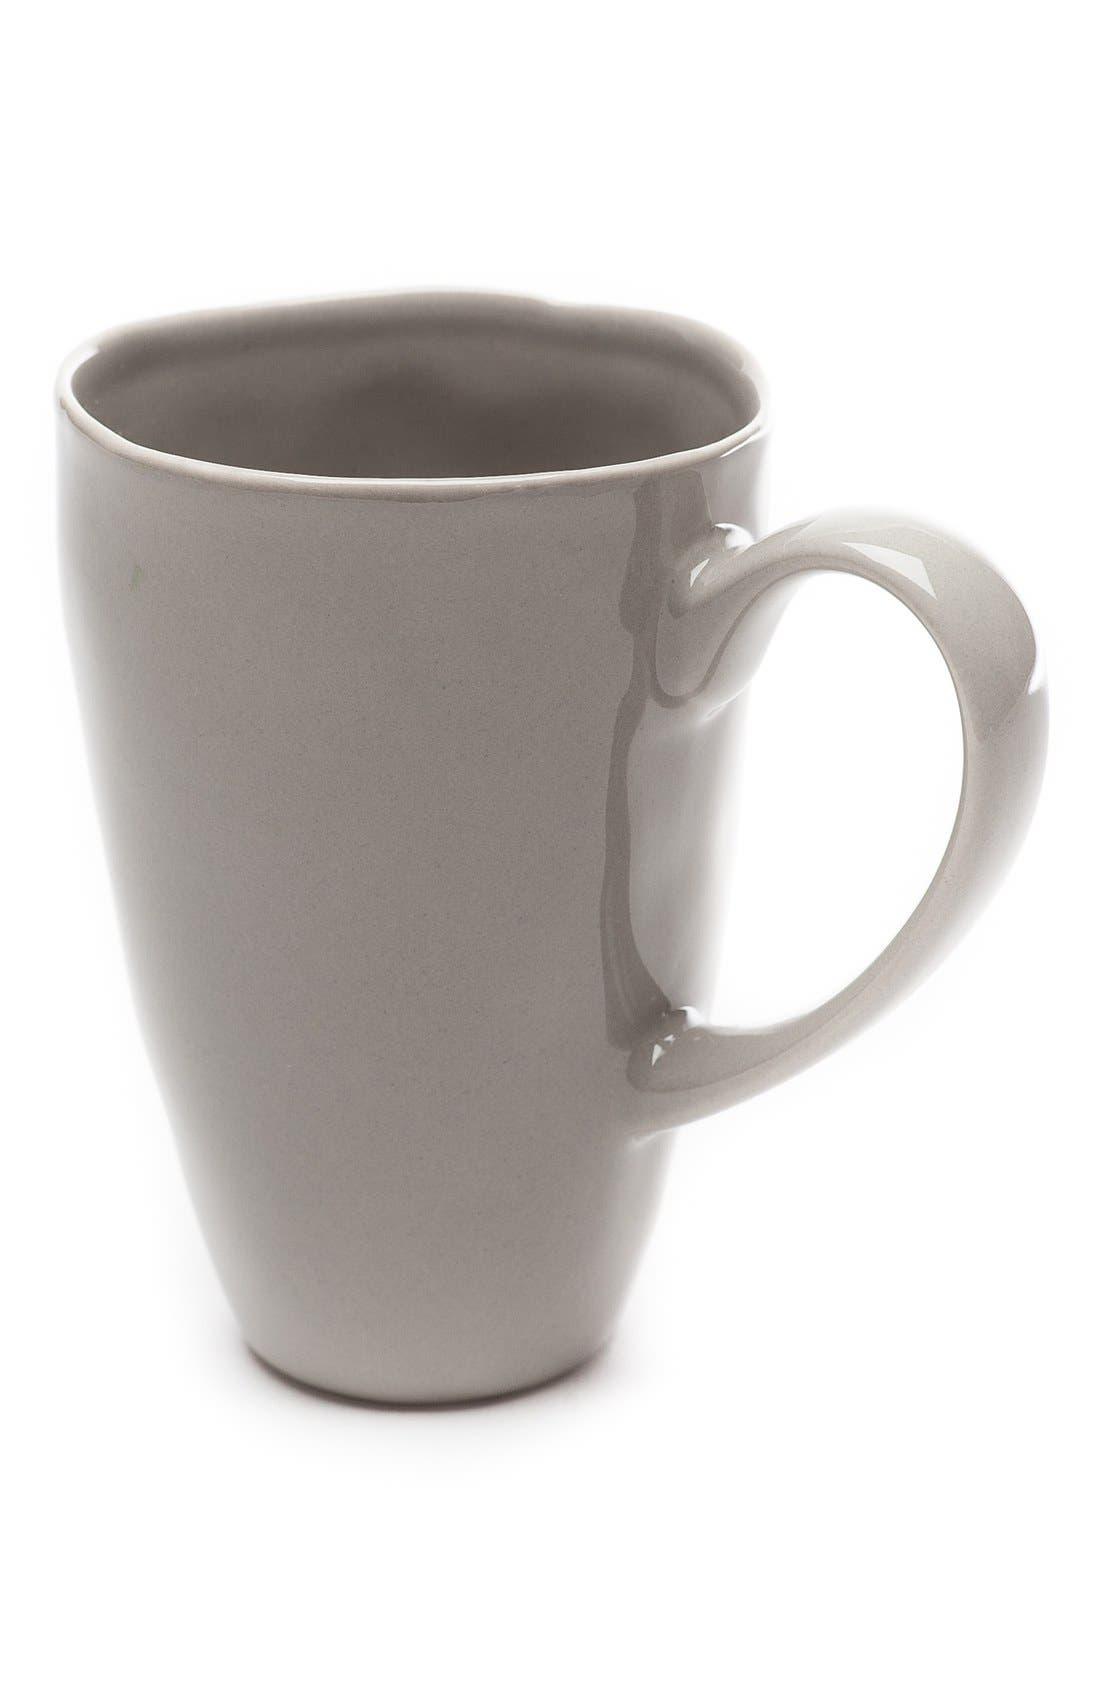 Zestt Sculptured Porcelain Coffee Mugs (Set of 4)